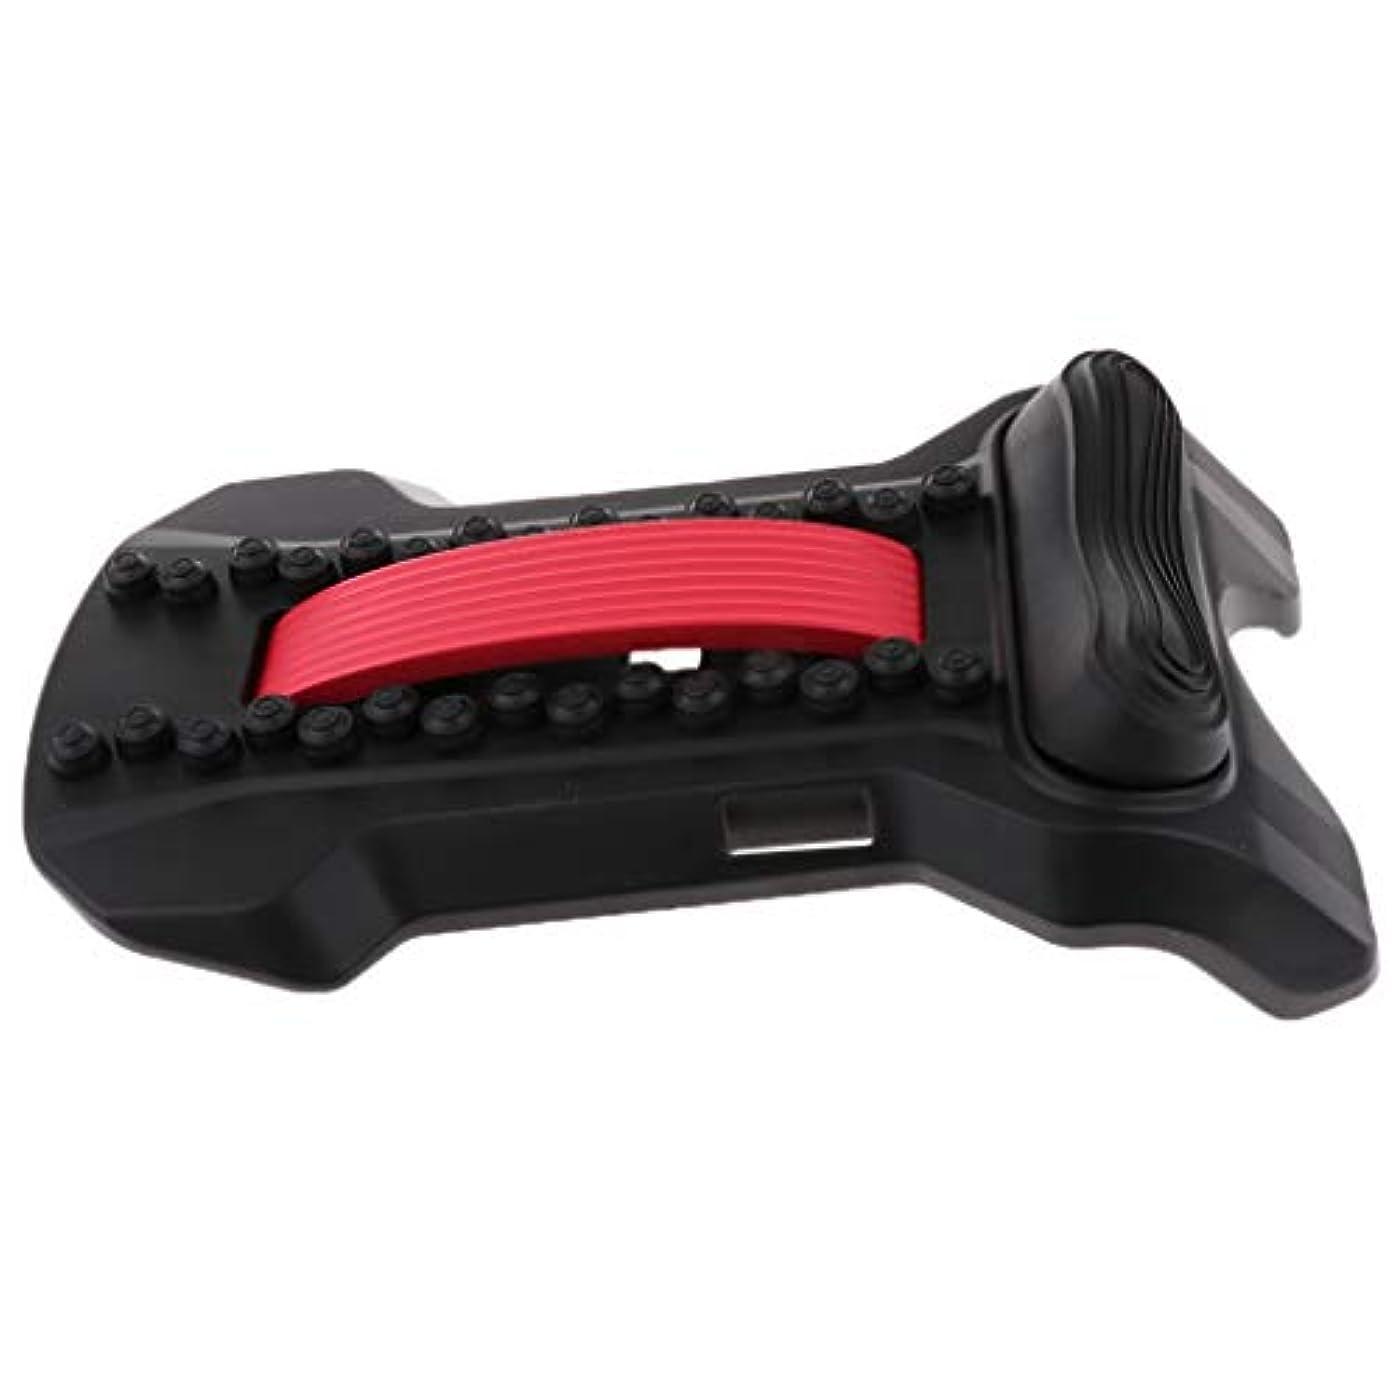 家主武装解除名前D DOLITY 腰椎サポート バック ストレッチャー 頸椎 ストレッチ マッサージャー ツボ押し 姿勢矯正 全5色 - 黒赤, 22×37×8cm